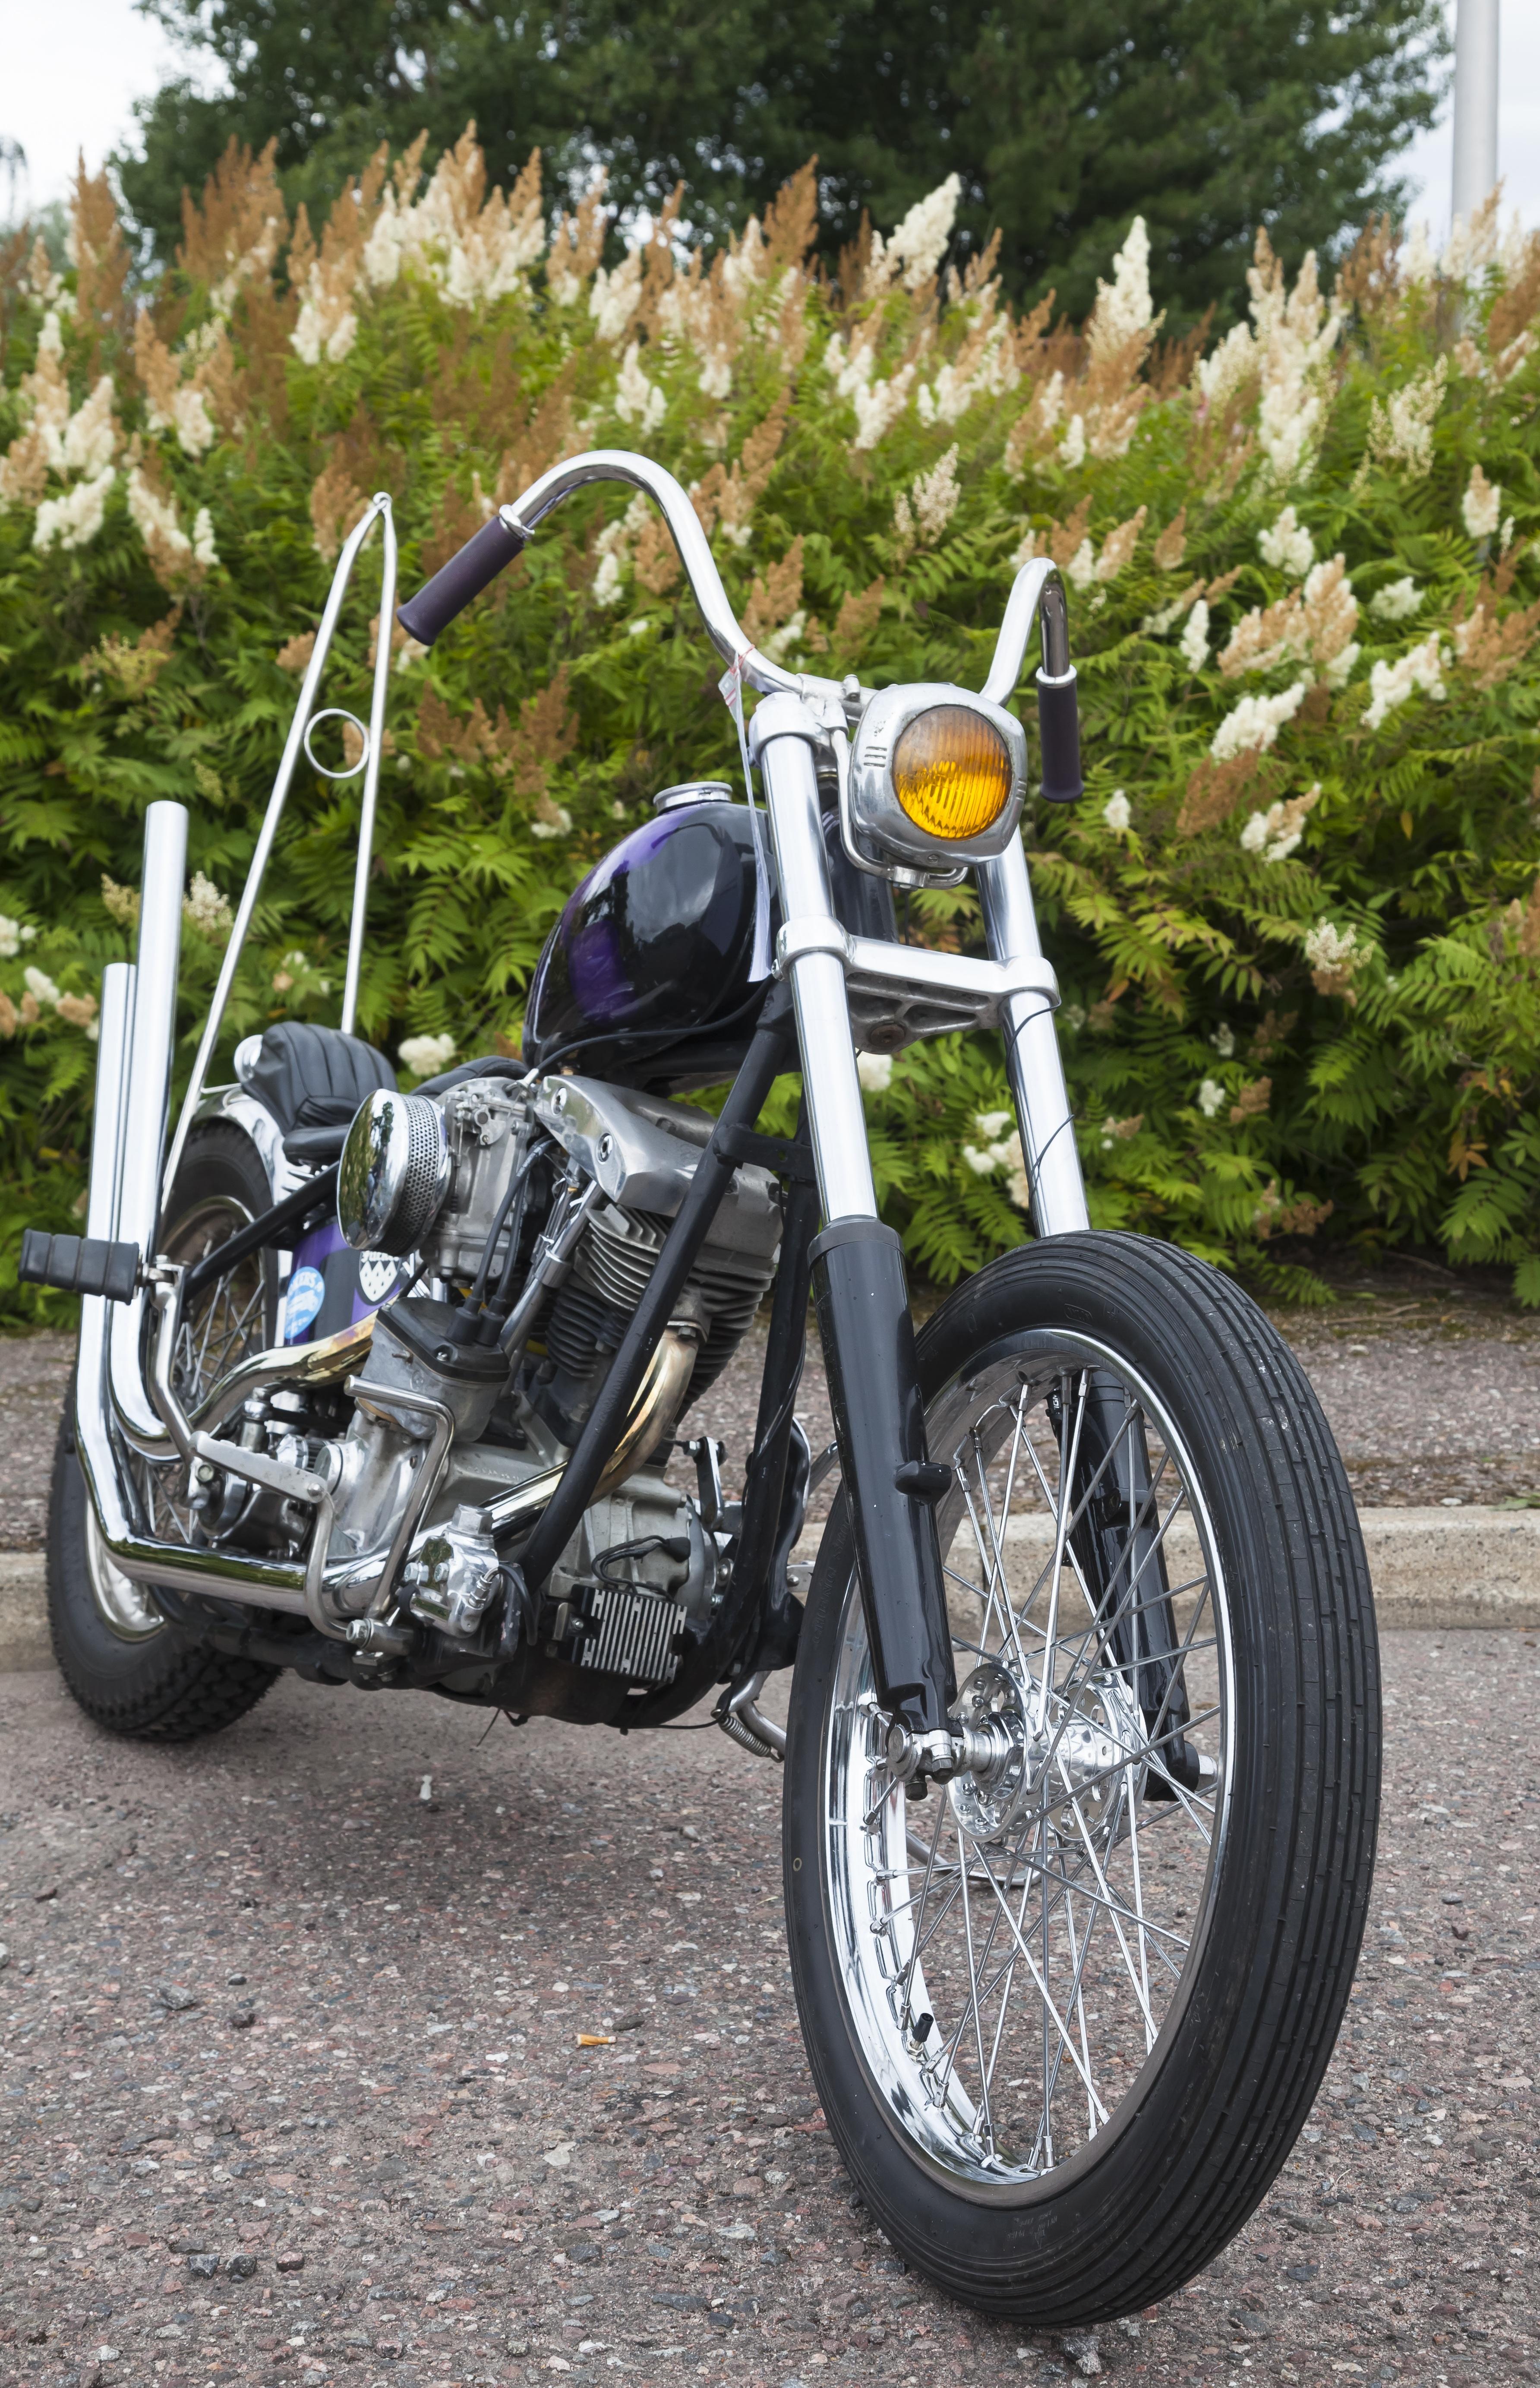 Gambar Mobil Roda Cincin Kursi Sepeda Motor Mesin Setang